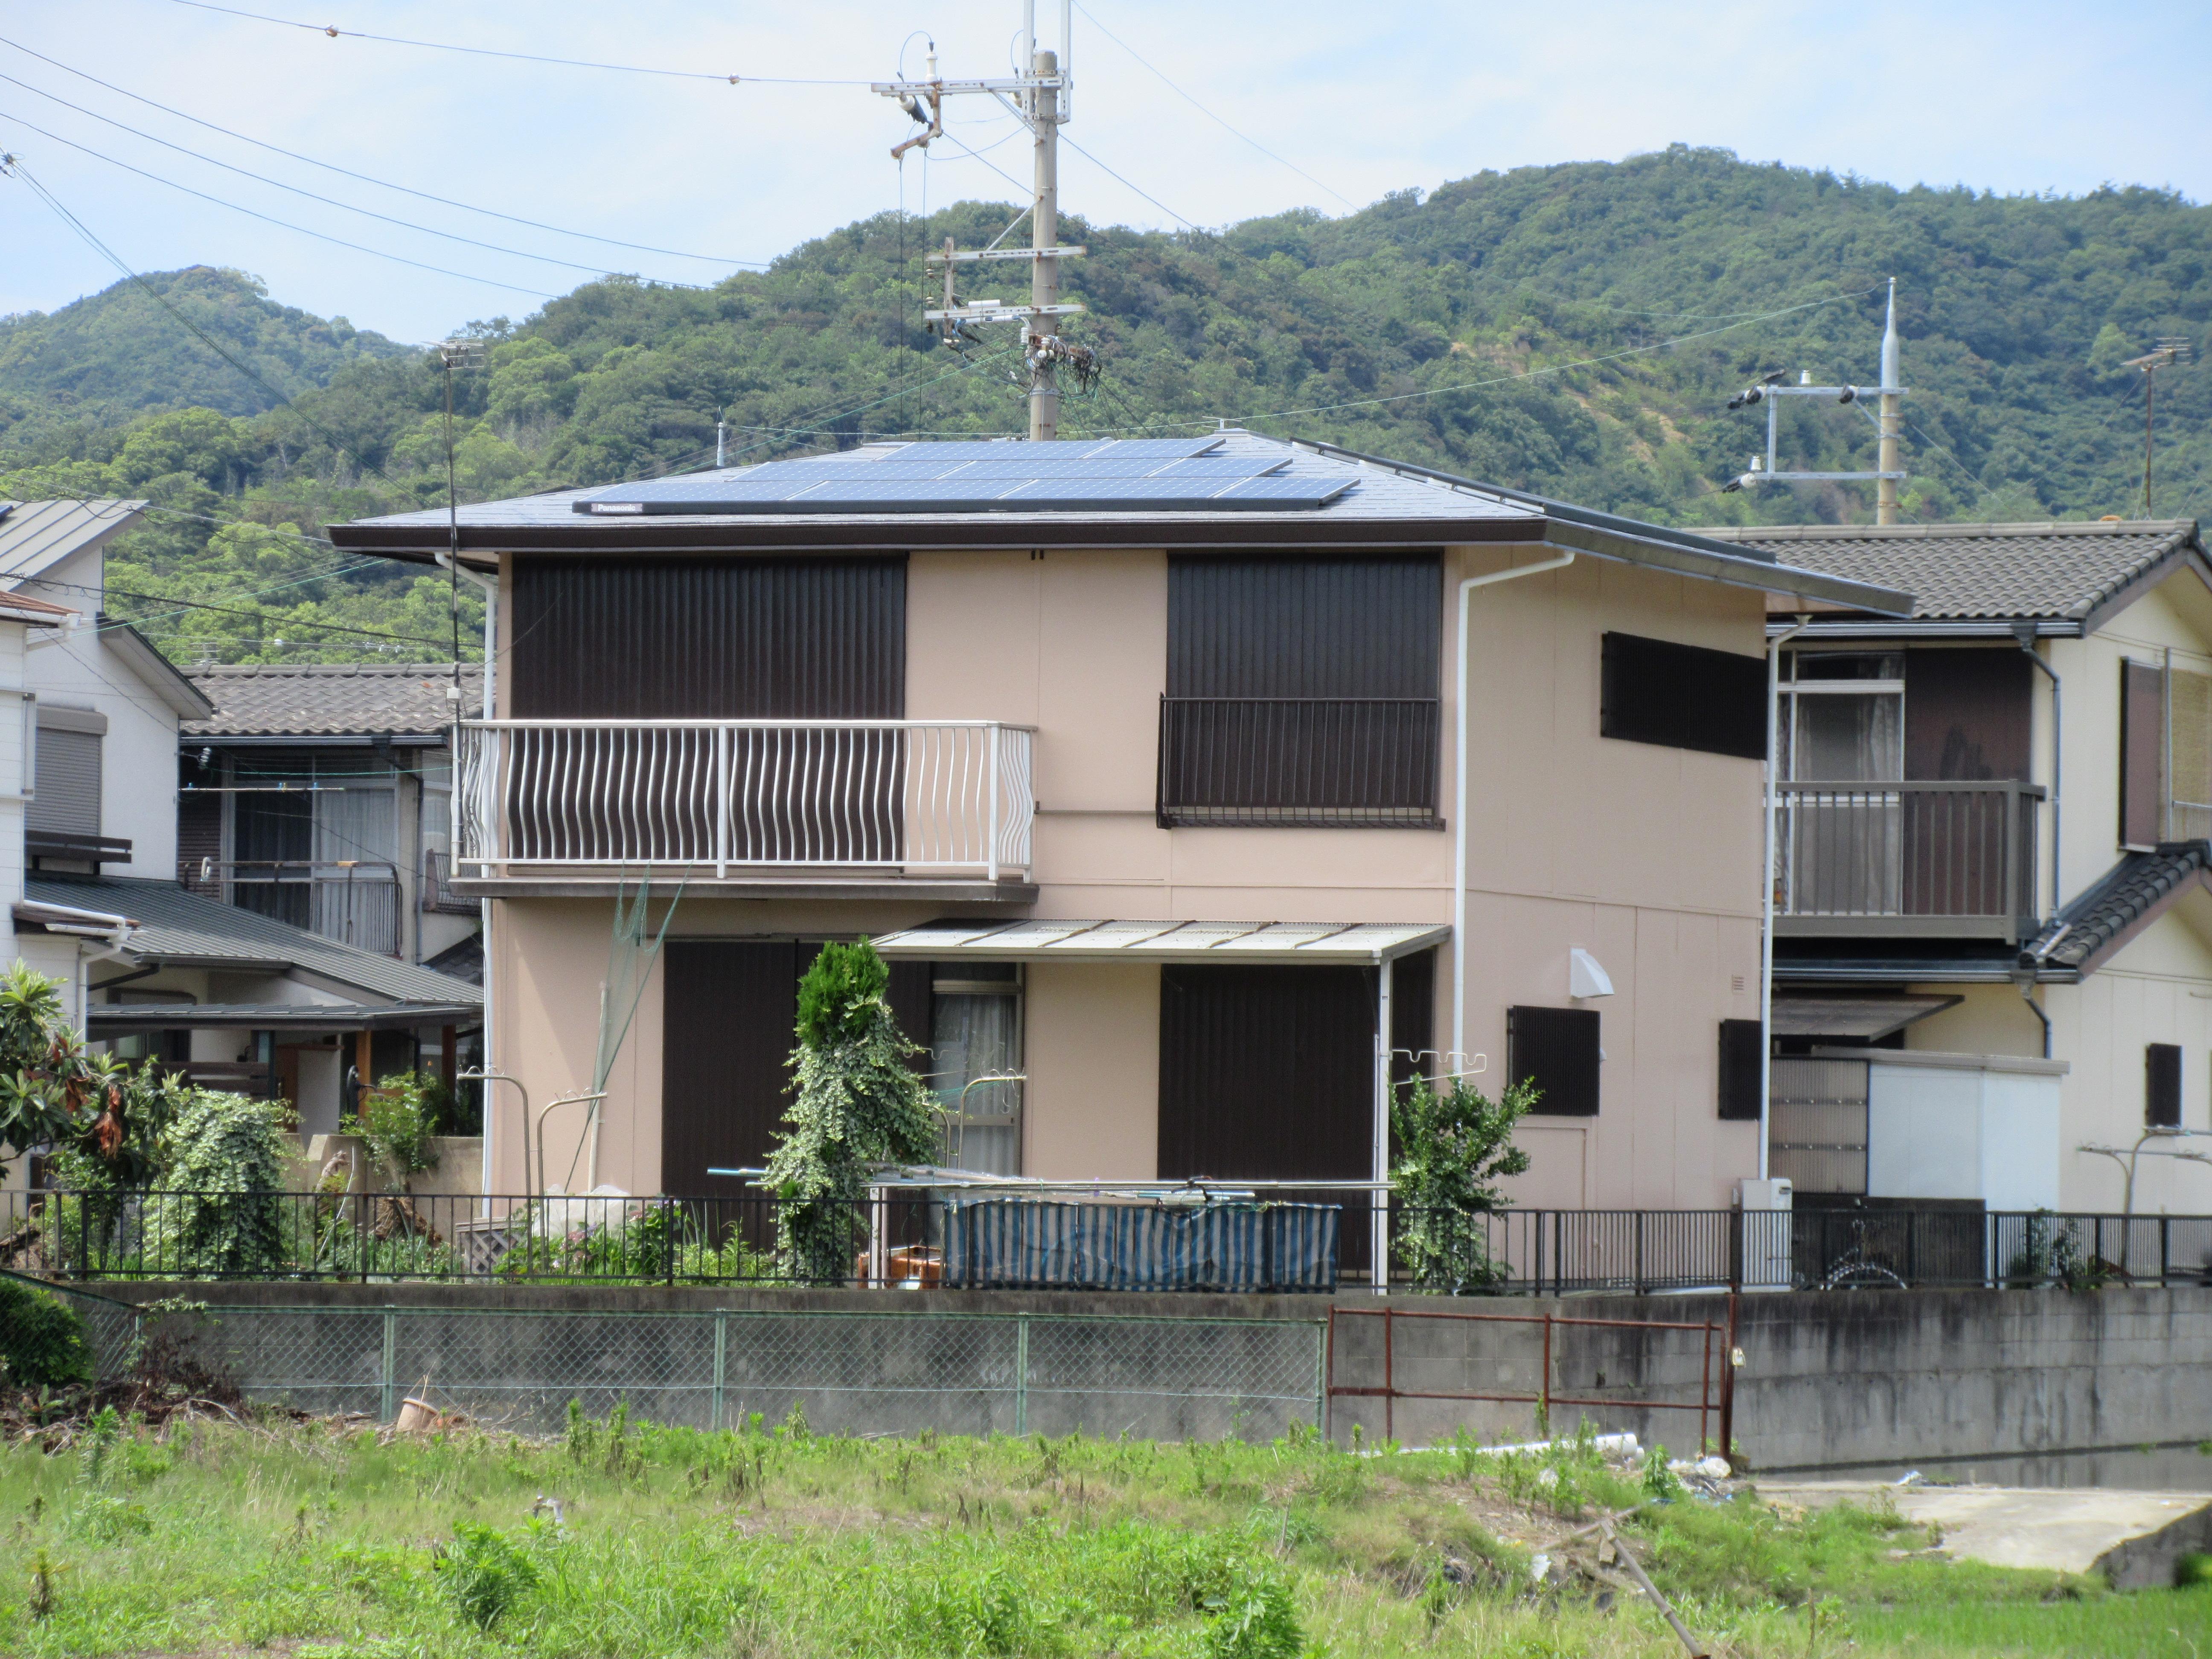 【和歌山市】T様邸 外壁・屋根塗装工事<br>『モダンに大変身♫新築のような美しさ✦』4